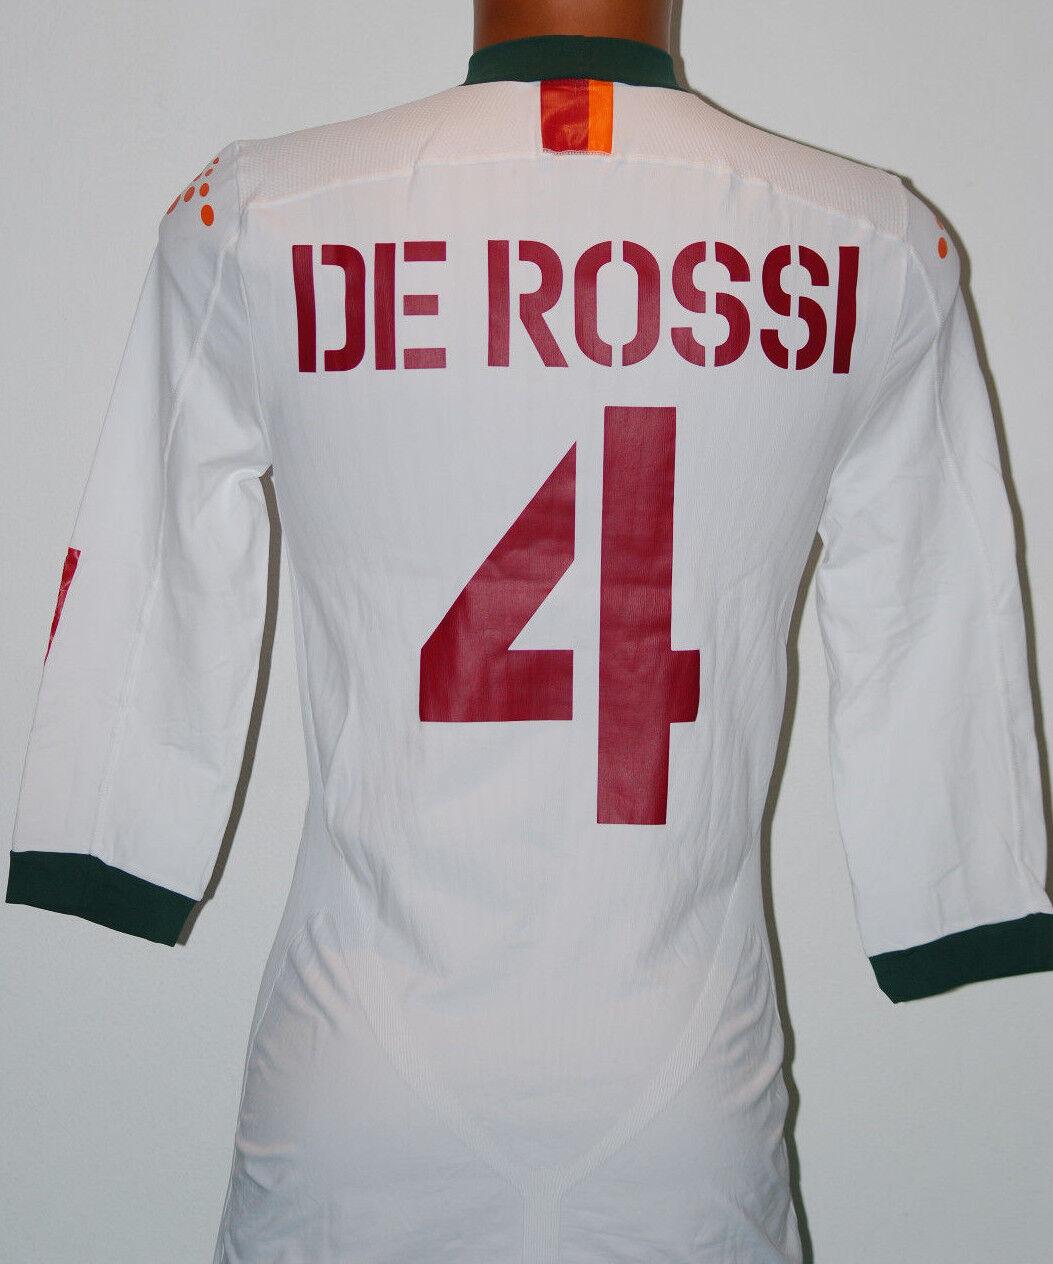 MAGLIA ROMA DE ROSSI CHAMPIONS 2004 2005 DIADORA XXL PLAYER ISSUED no match WORN